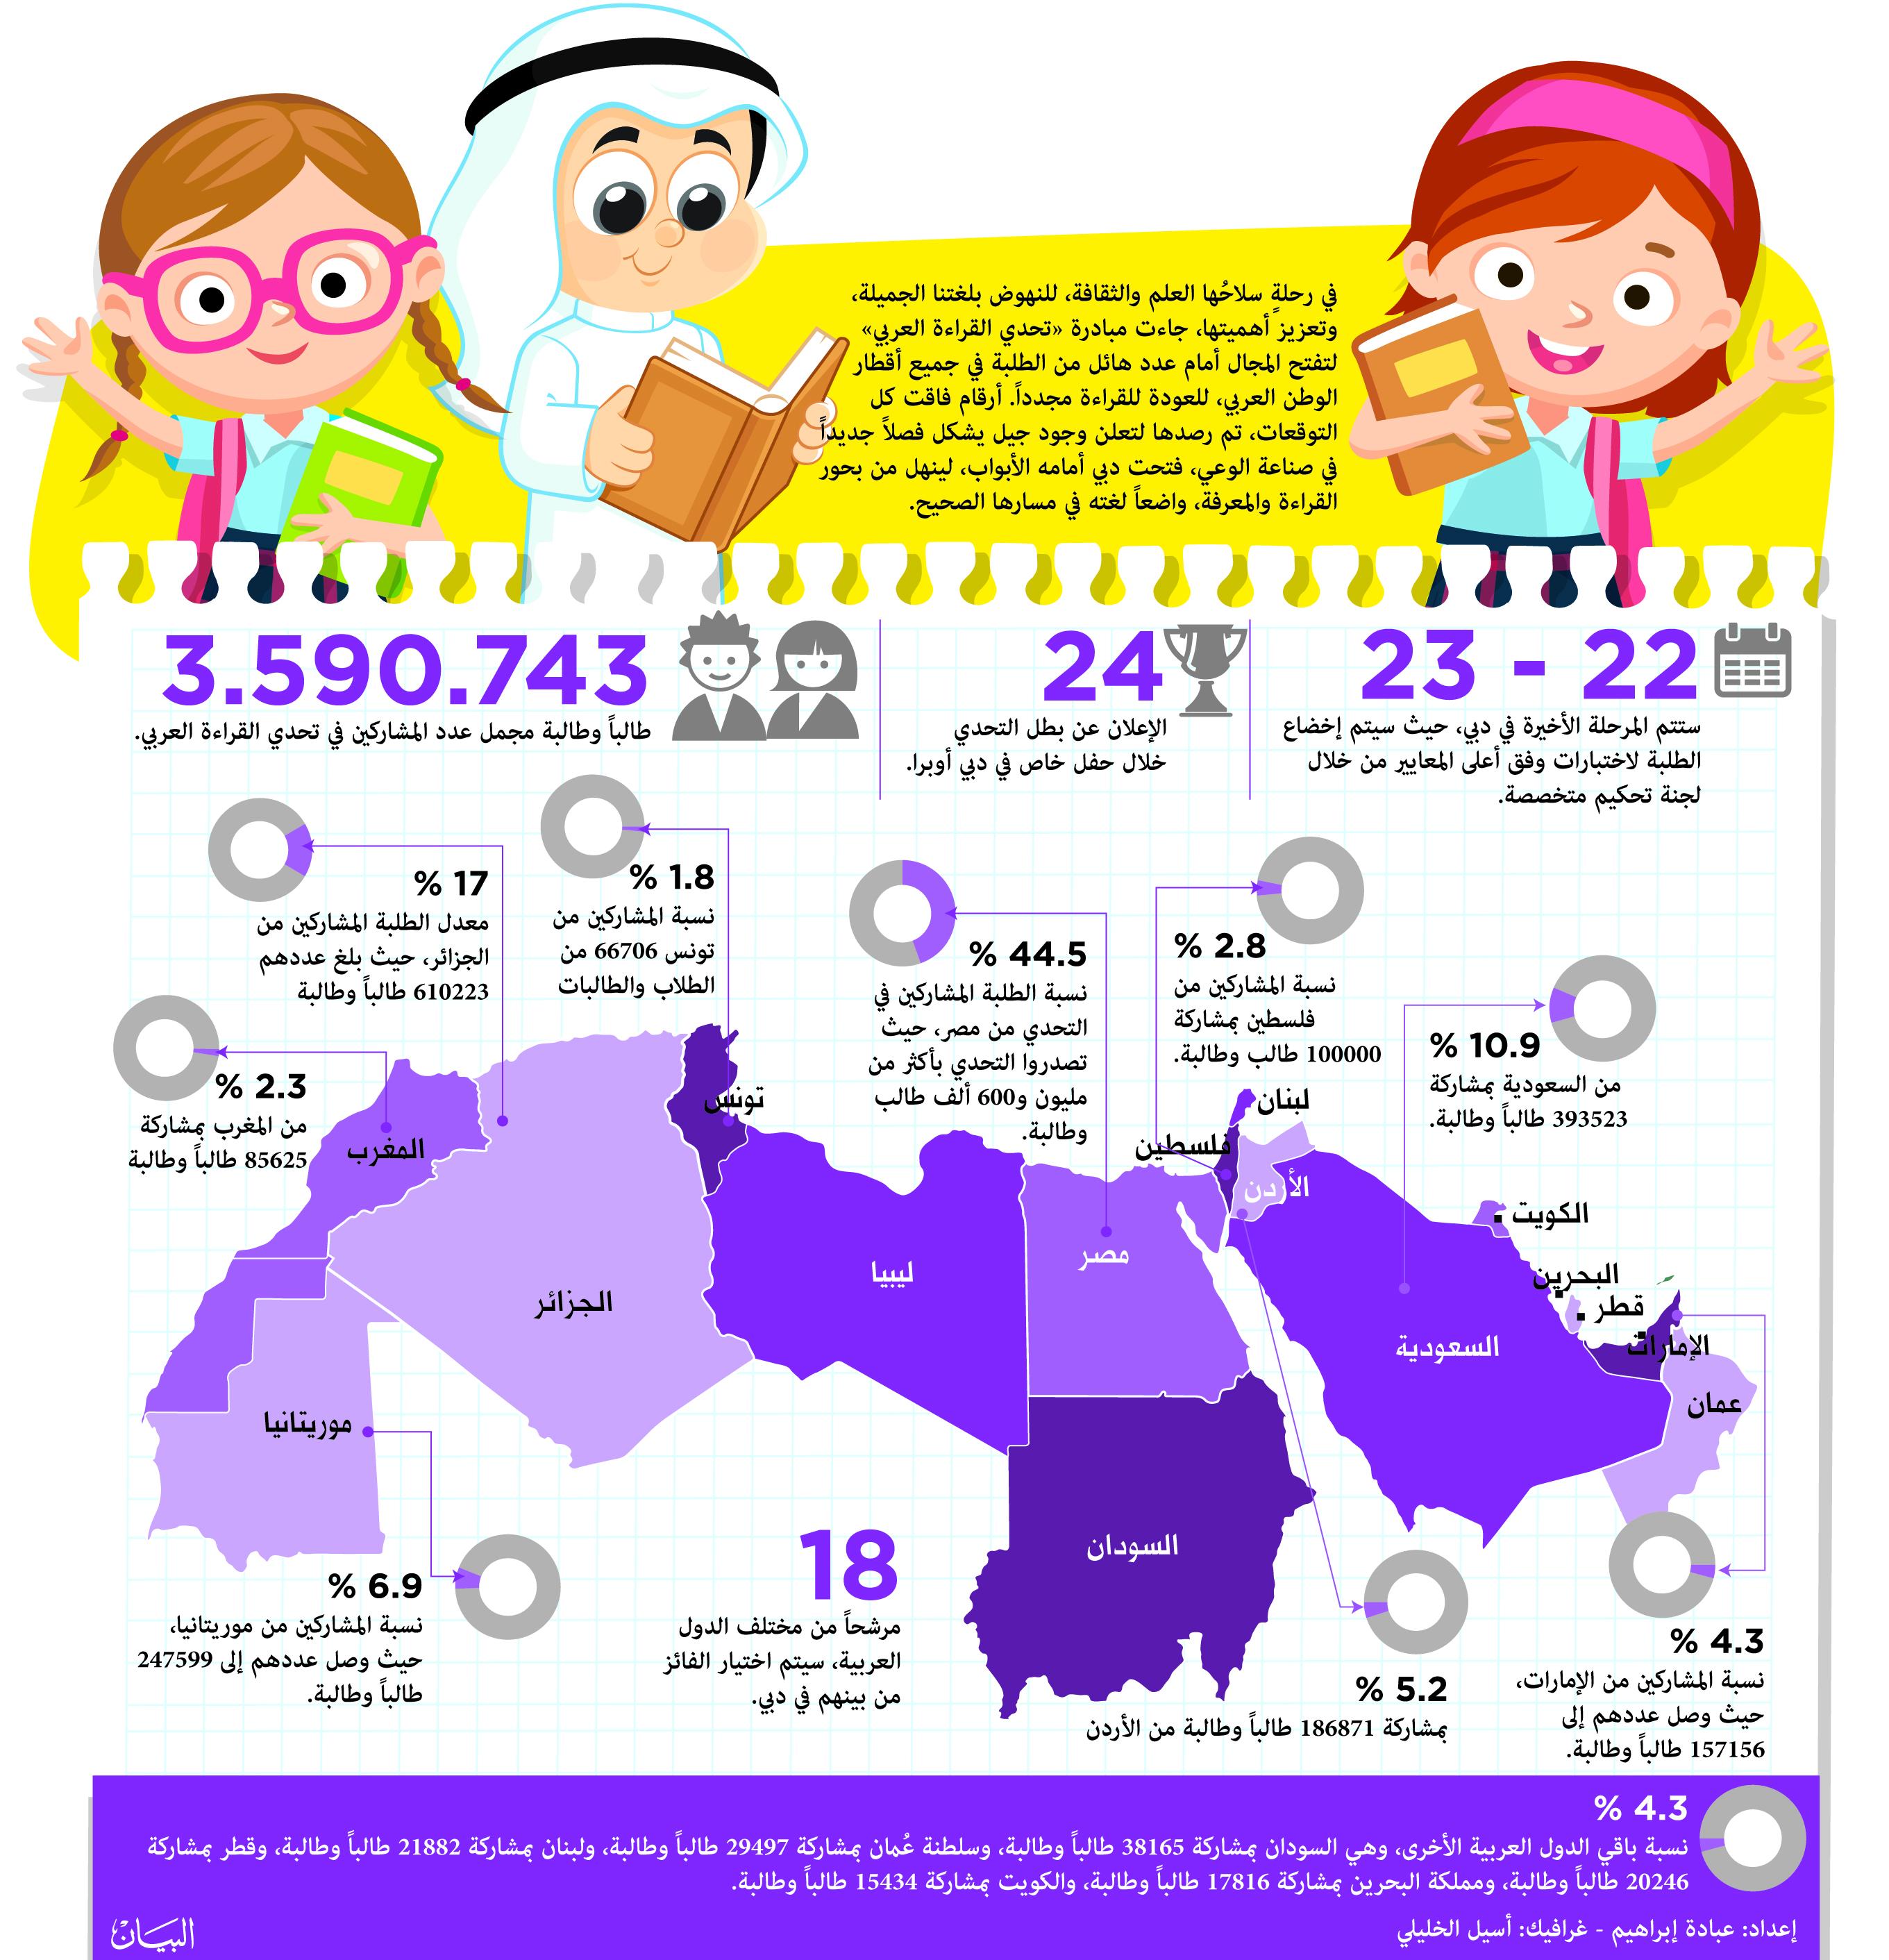 تحدي القراءة العربي 150 مــليون كتاب في 365 يوما فكر وفن ثقافة البيان